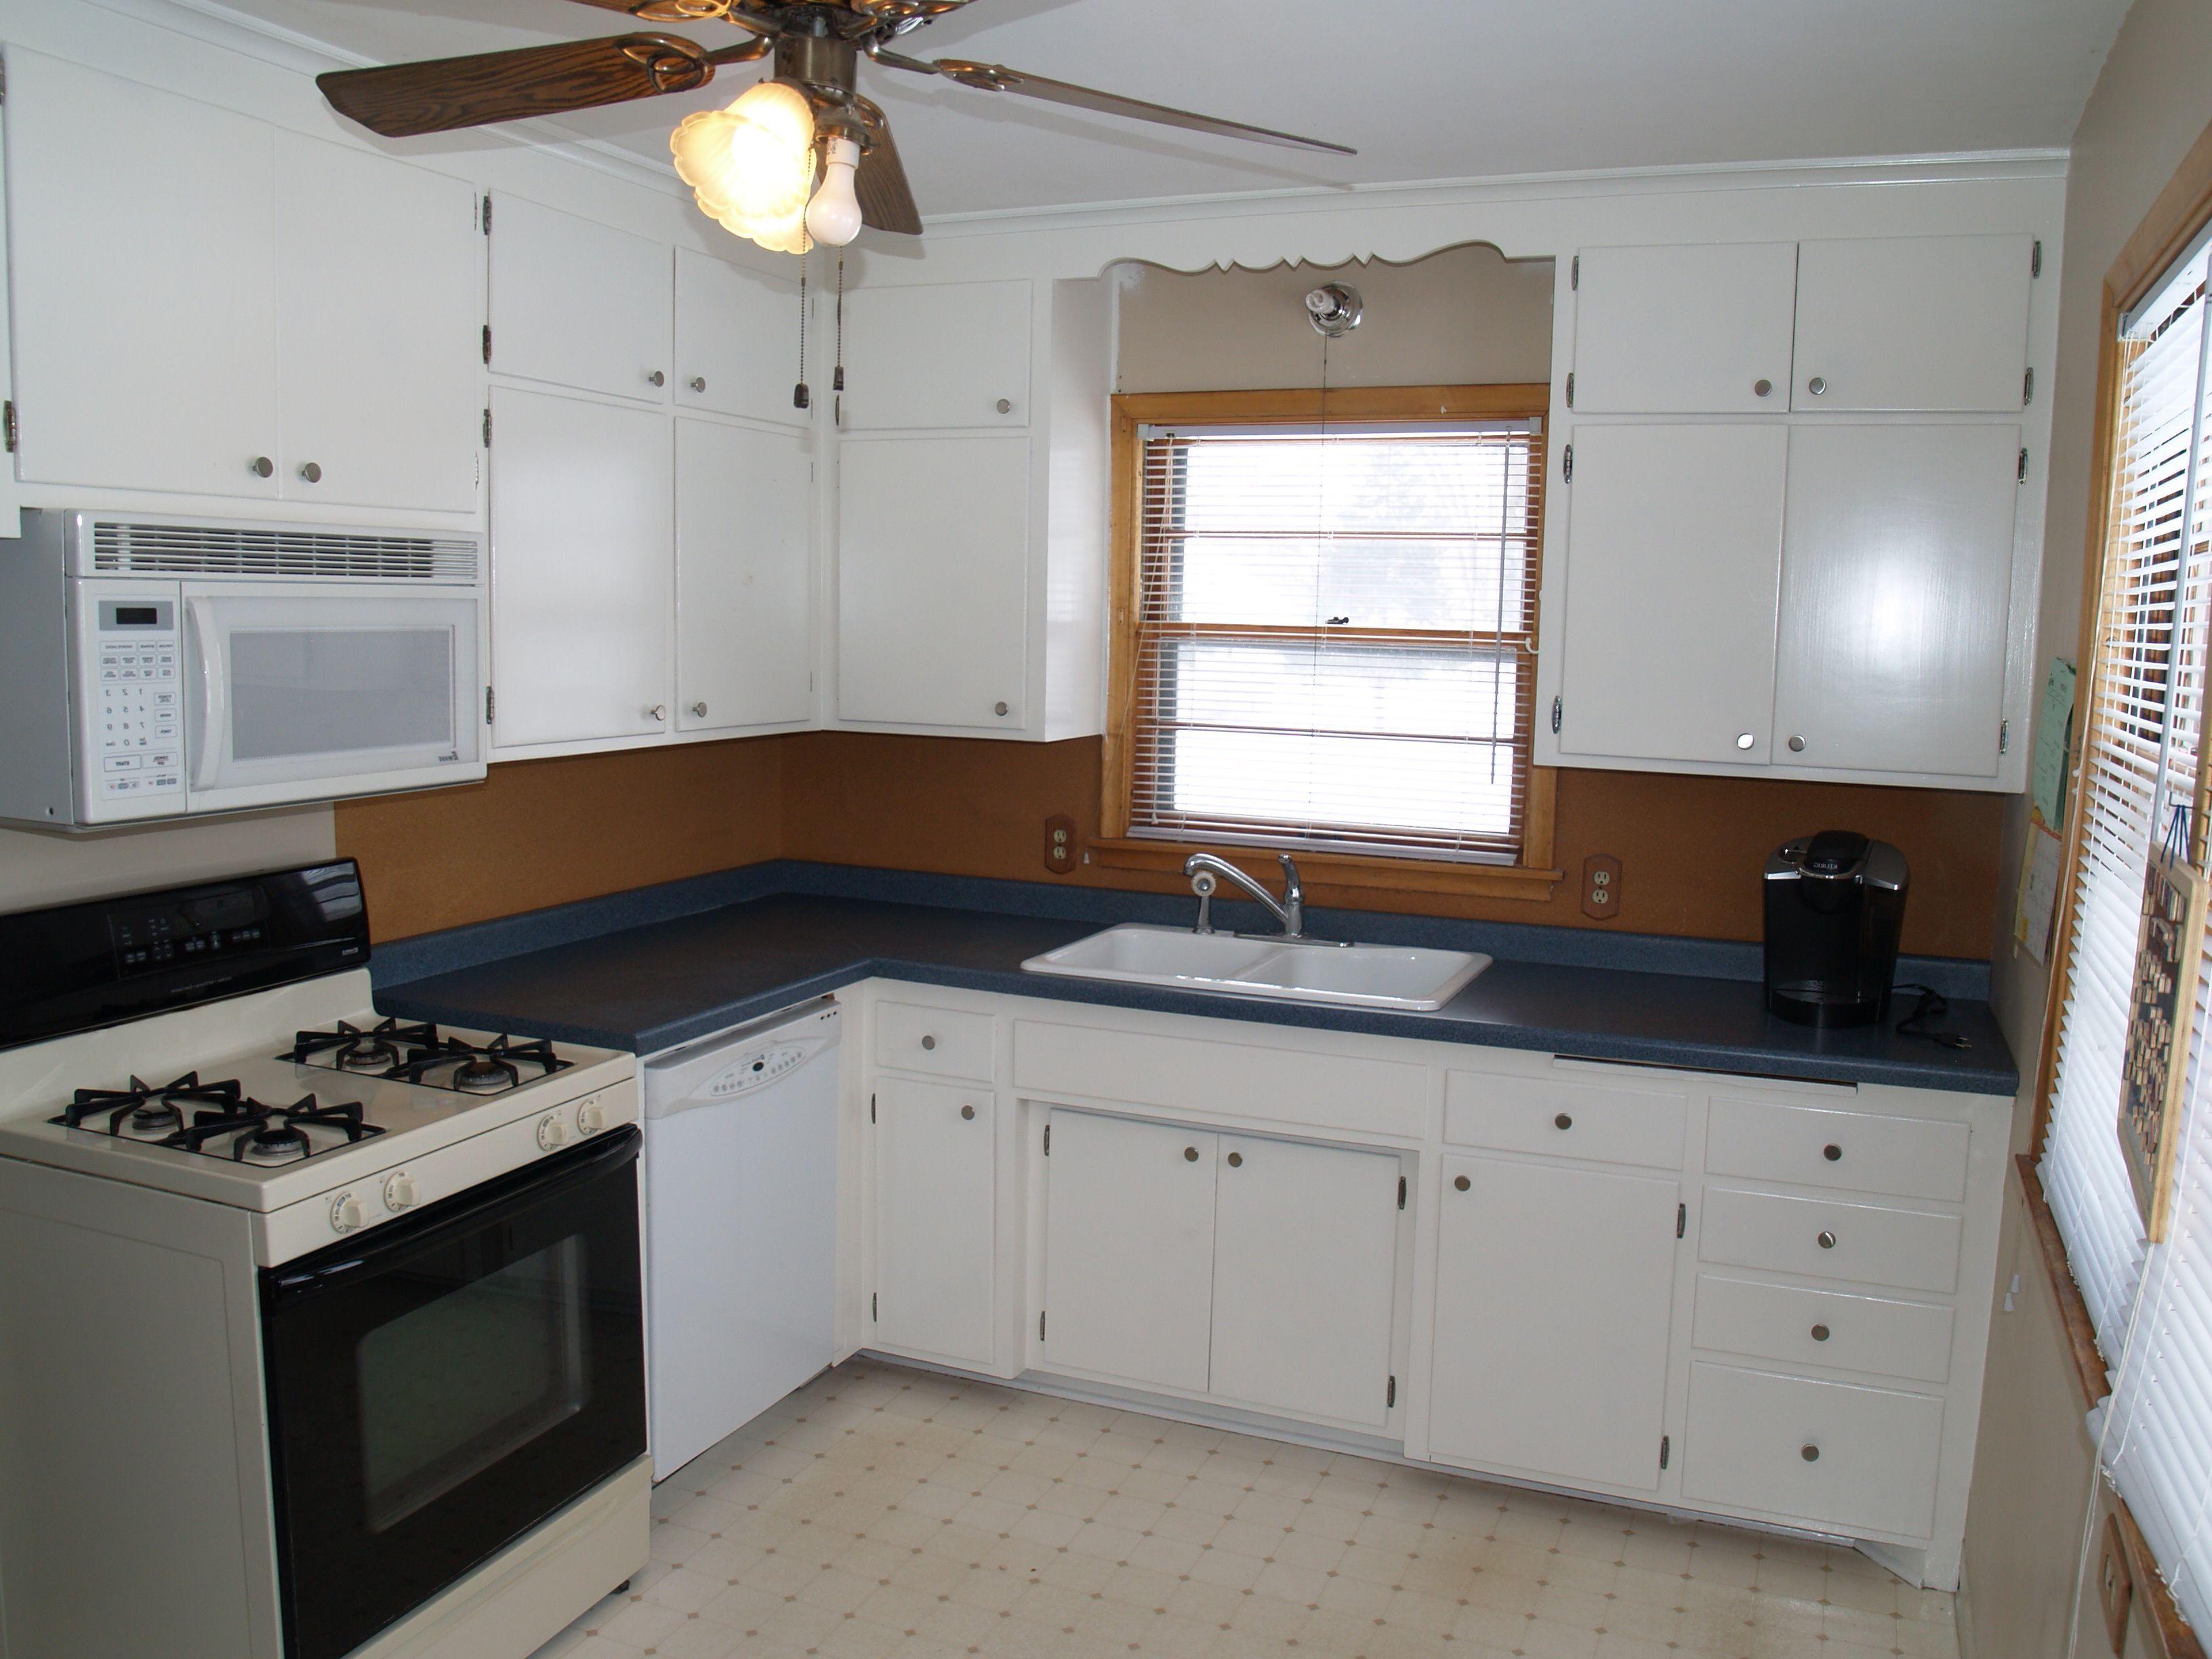 Ideen für die küche kleine küche umbau ideen küche design layout ideen küche design